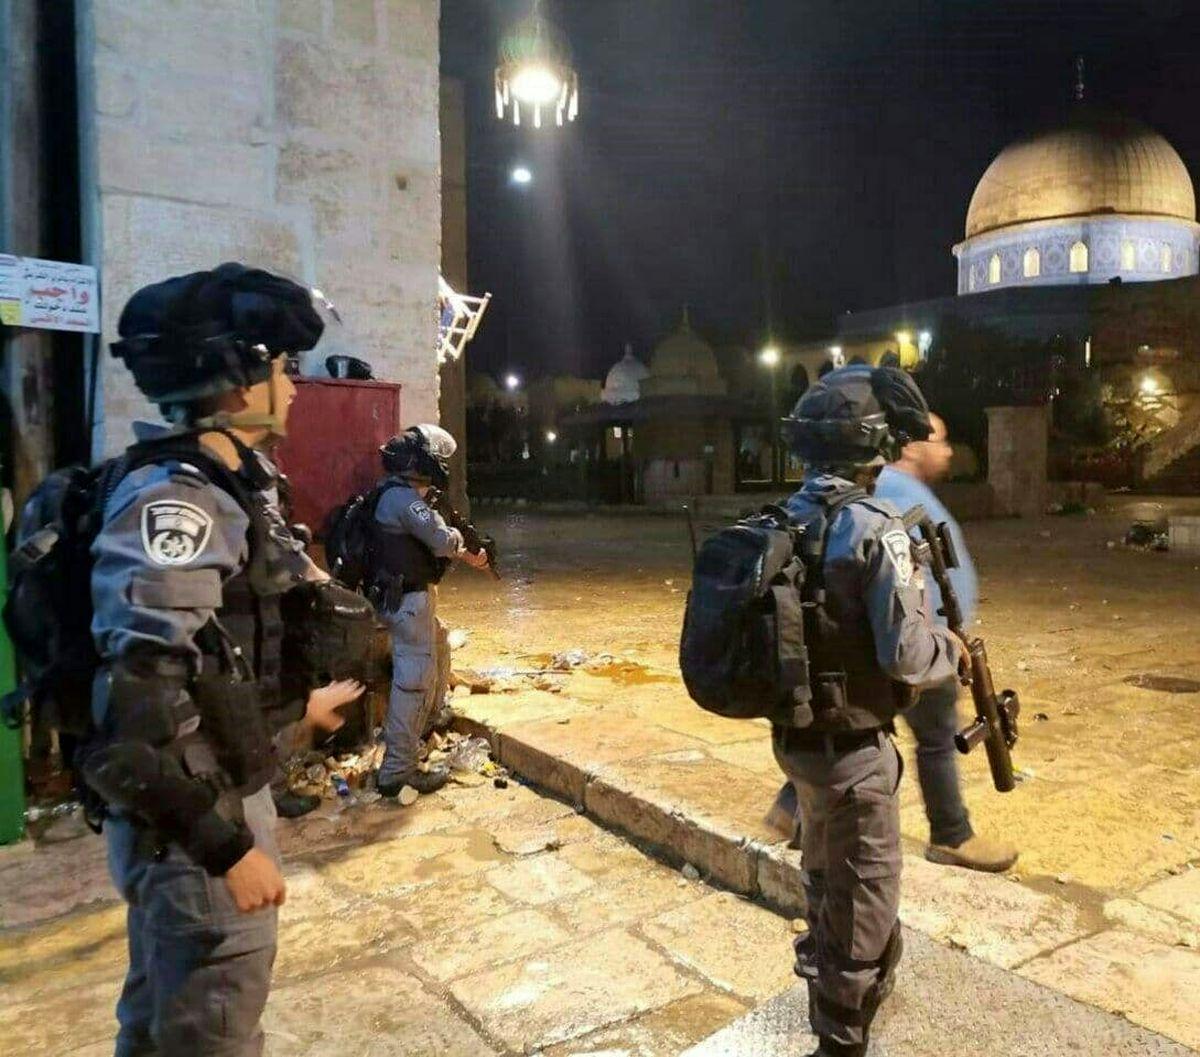 شمار مجروحان در مسجد الاقصی به ۵۳ نفر رسید